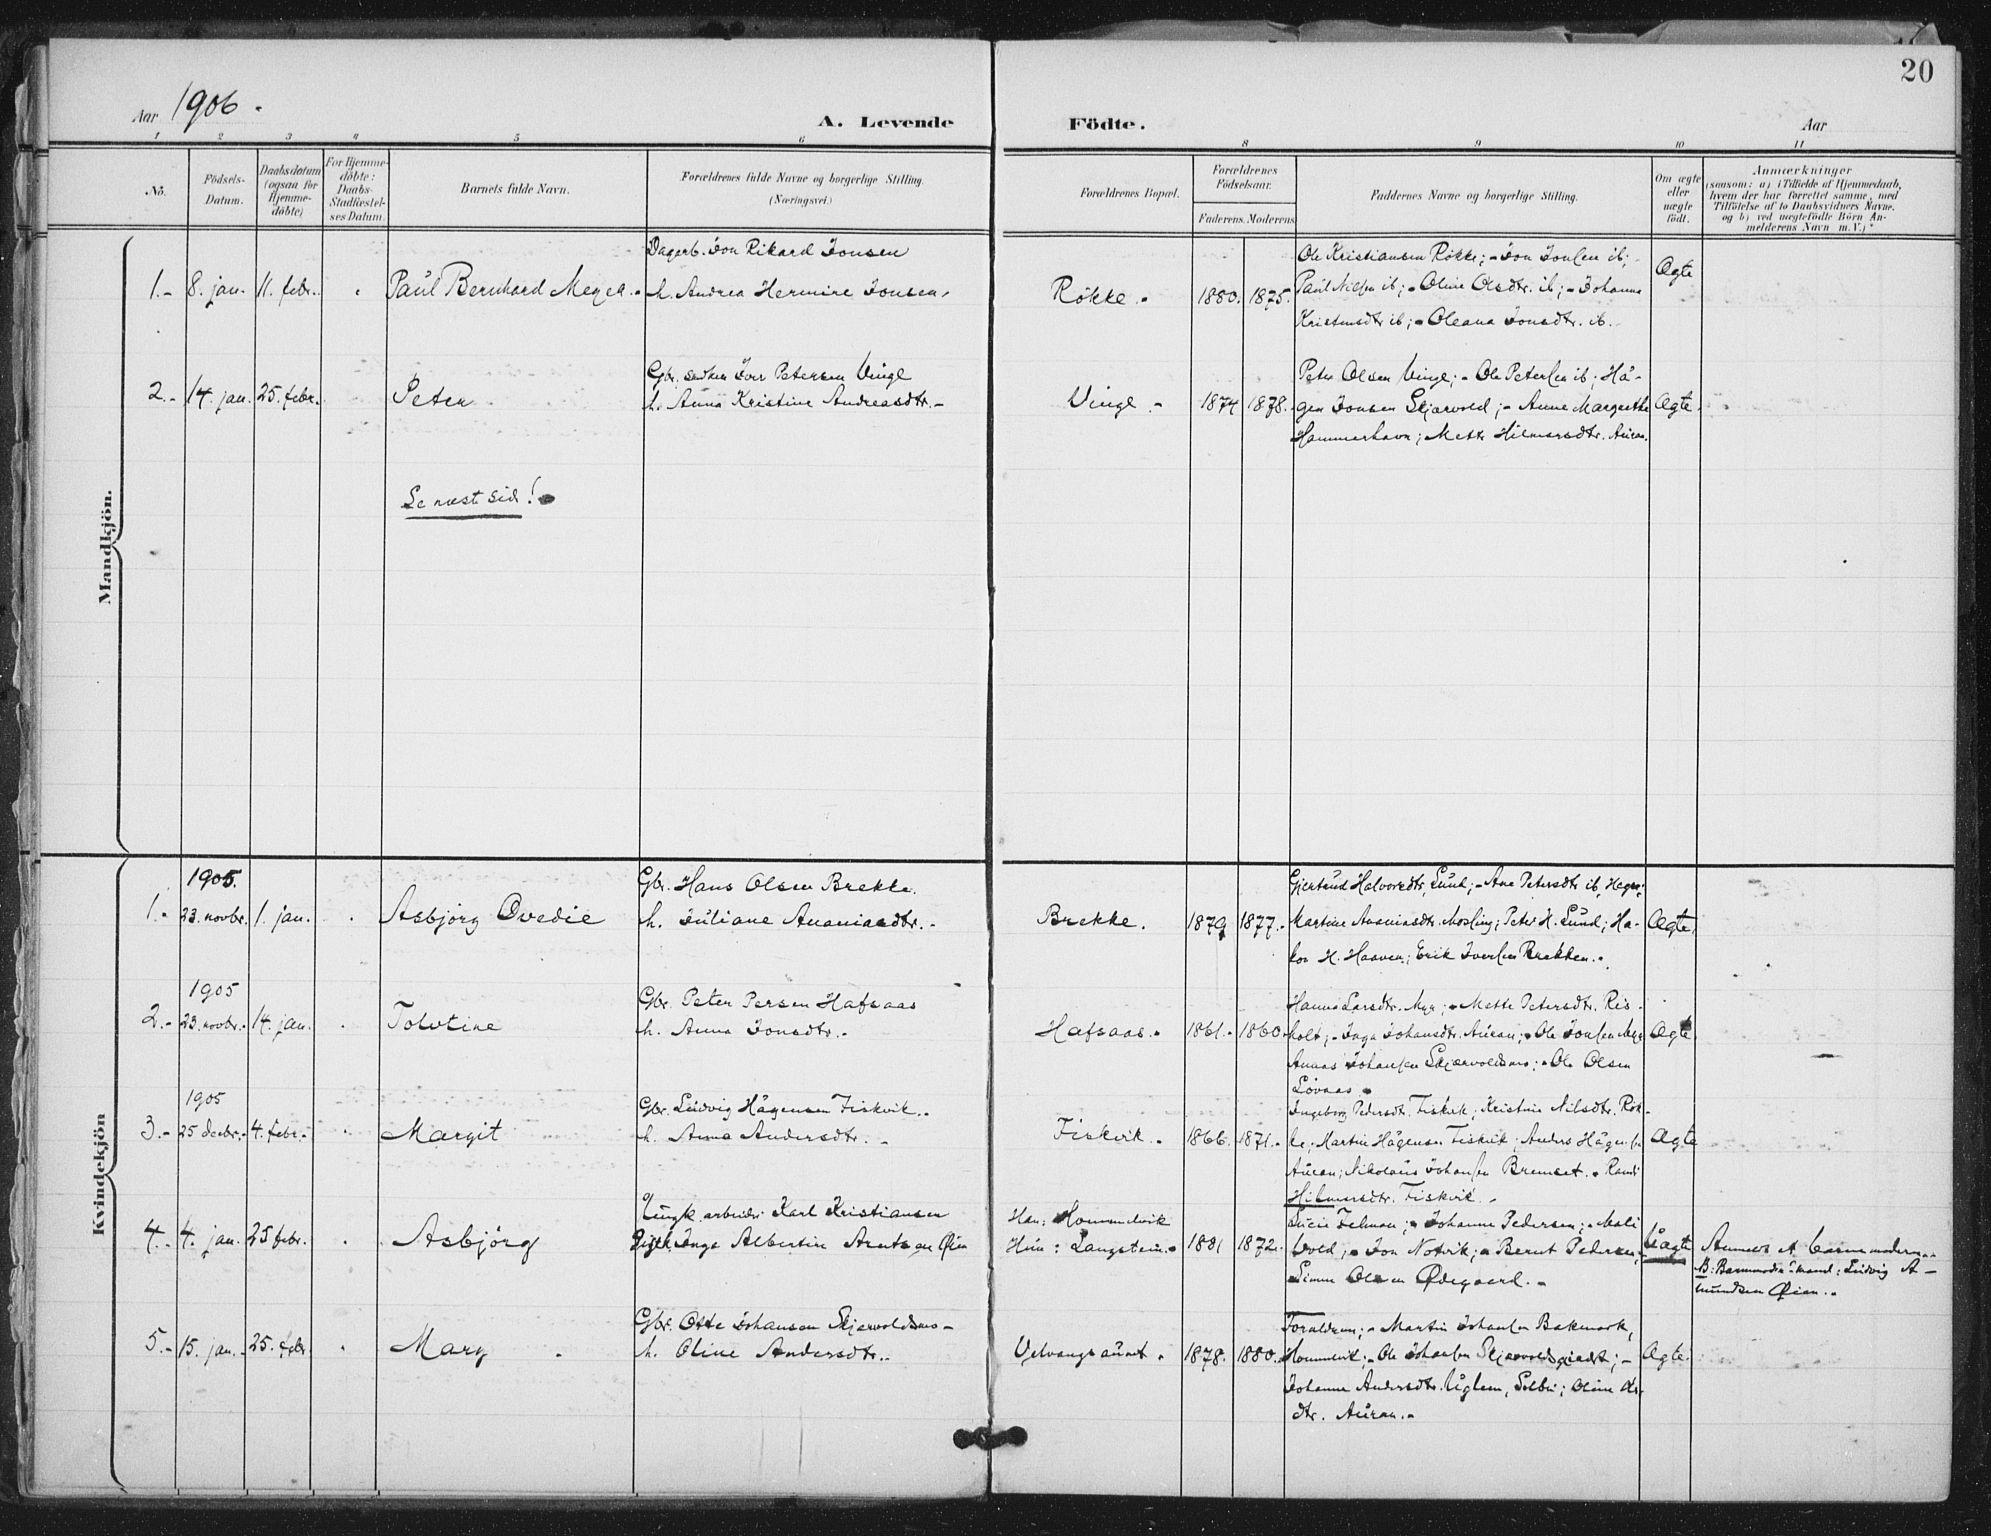 SAT, Ministerialprotokoller, klokkerbøker og fødselsregistre - Nord-Trøndelag, 712/L0101: Ministerialbok nr. 712A02, 1901-1916, s. 20